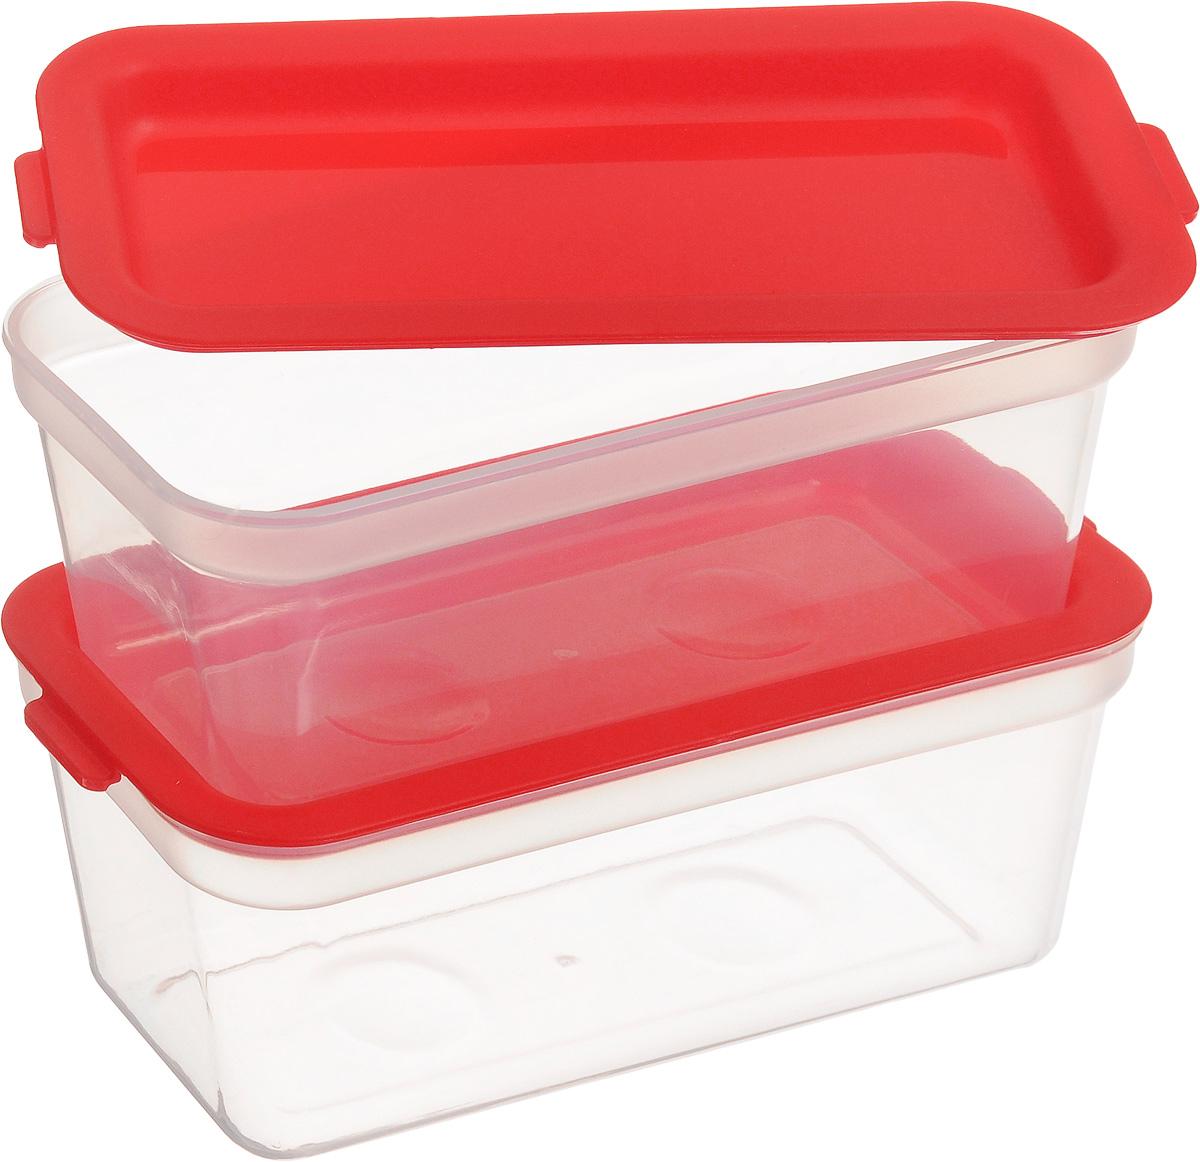 Набор контейнеров для заморозки Tescoma Purity, цвет: красный, прозрачный, 300 мл, 2 шт891876Набор Tescoma Purity, выполненный извысококачественного пищевогопрозрачного пластика, состоит из двухконтейнеров. Изделия предназначены дляхранения и транспортировки пищи.Крышки легко открываются и плотнозакрываются с помощью легкого щелчка.Контейнеры удобно складываются друг в друга,что экономит пространство прихранении в шкафу.Подходят длязаморозки и для использования в микроволновойпечи без крышки.Можно мыть в посудомоечной машине. Объем контейнера: 300 мл.Размеры: 13,5 х 6,5 х 6 см.